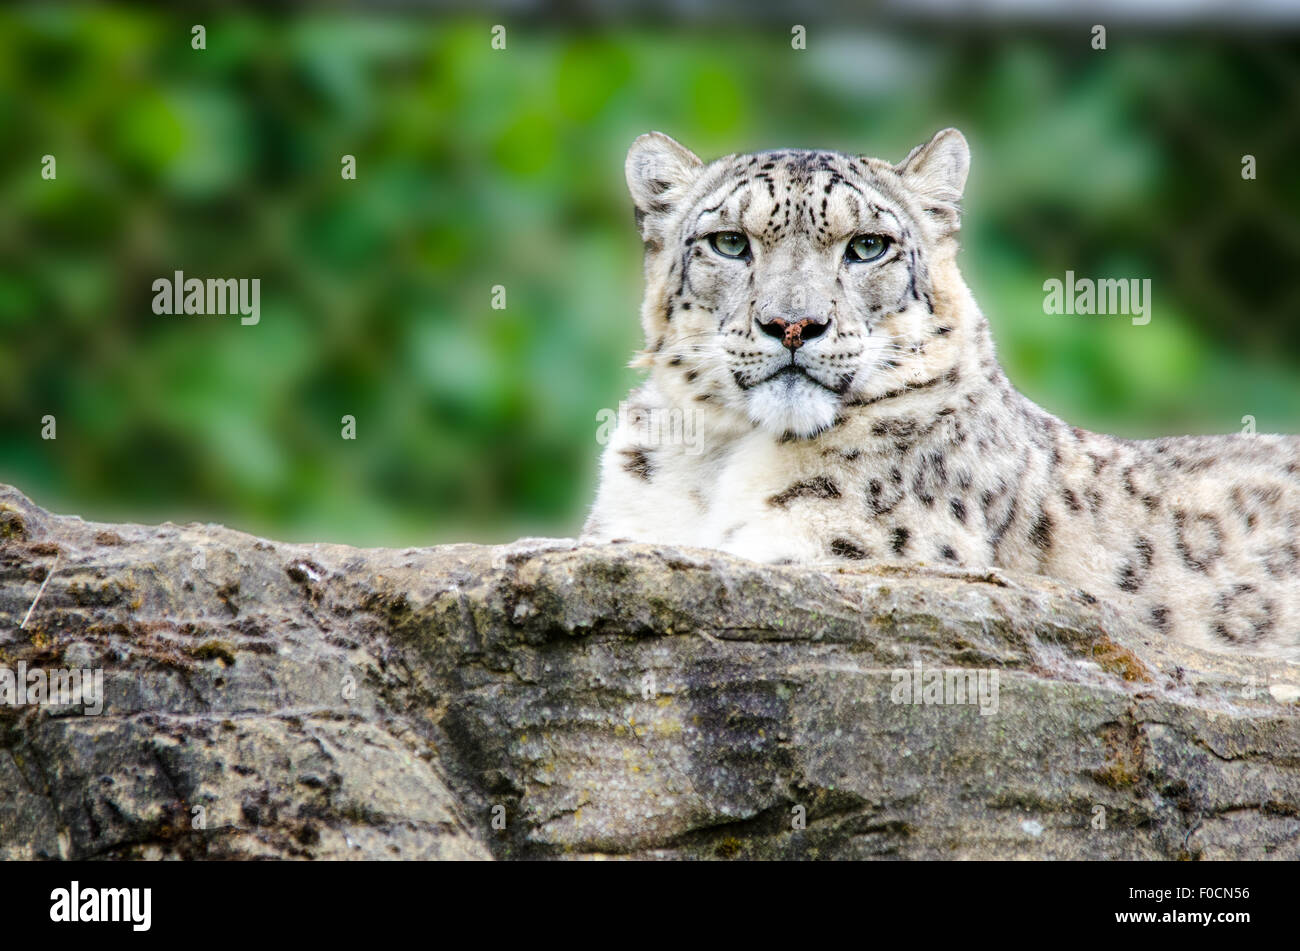 Snow Leopard allongé sur un rocher dans un zoo Photo Stock